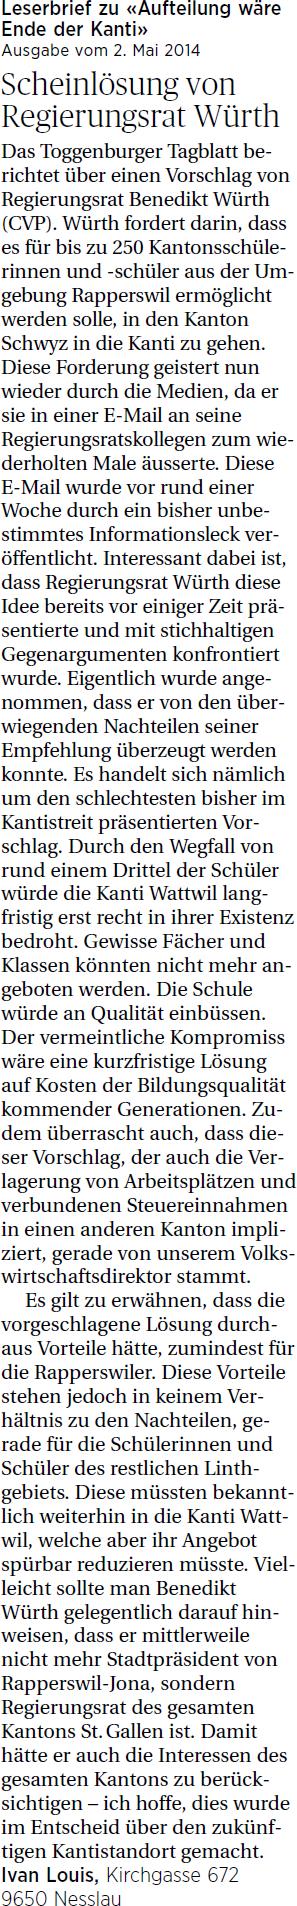 Scheinlösung von Regierungsrat Würth (Mittwoch, 07.05.2014)